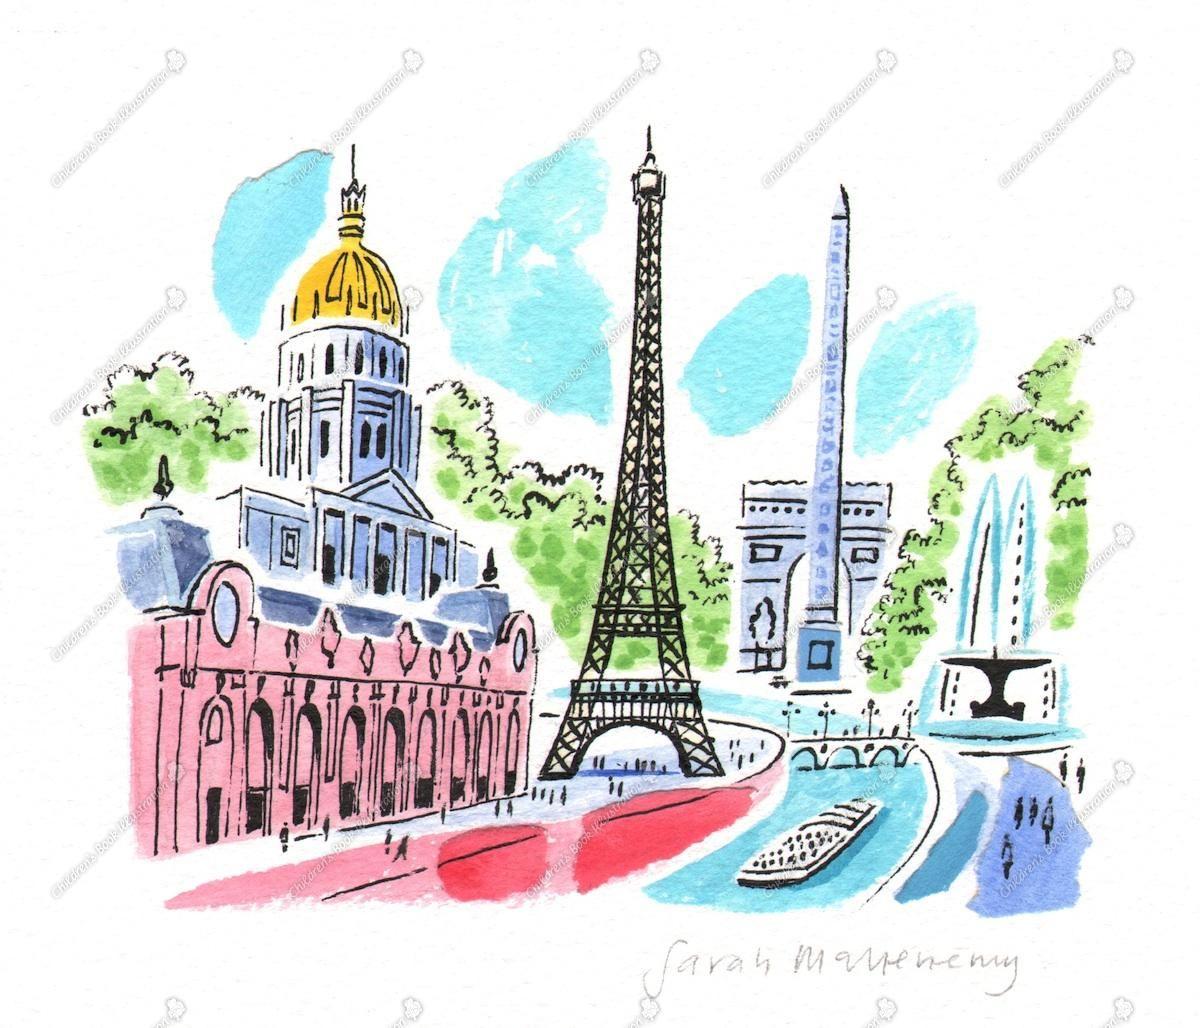 Paris Illustration: Children's Book Illustration